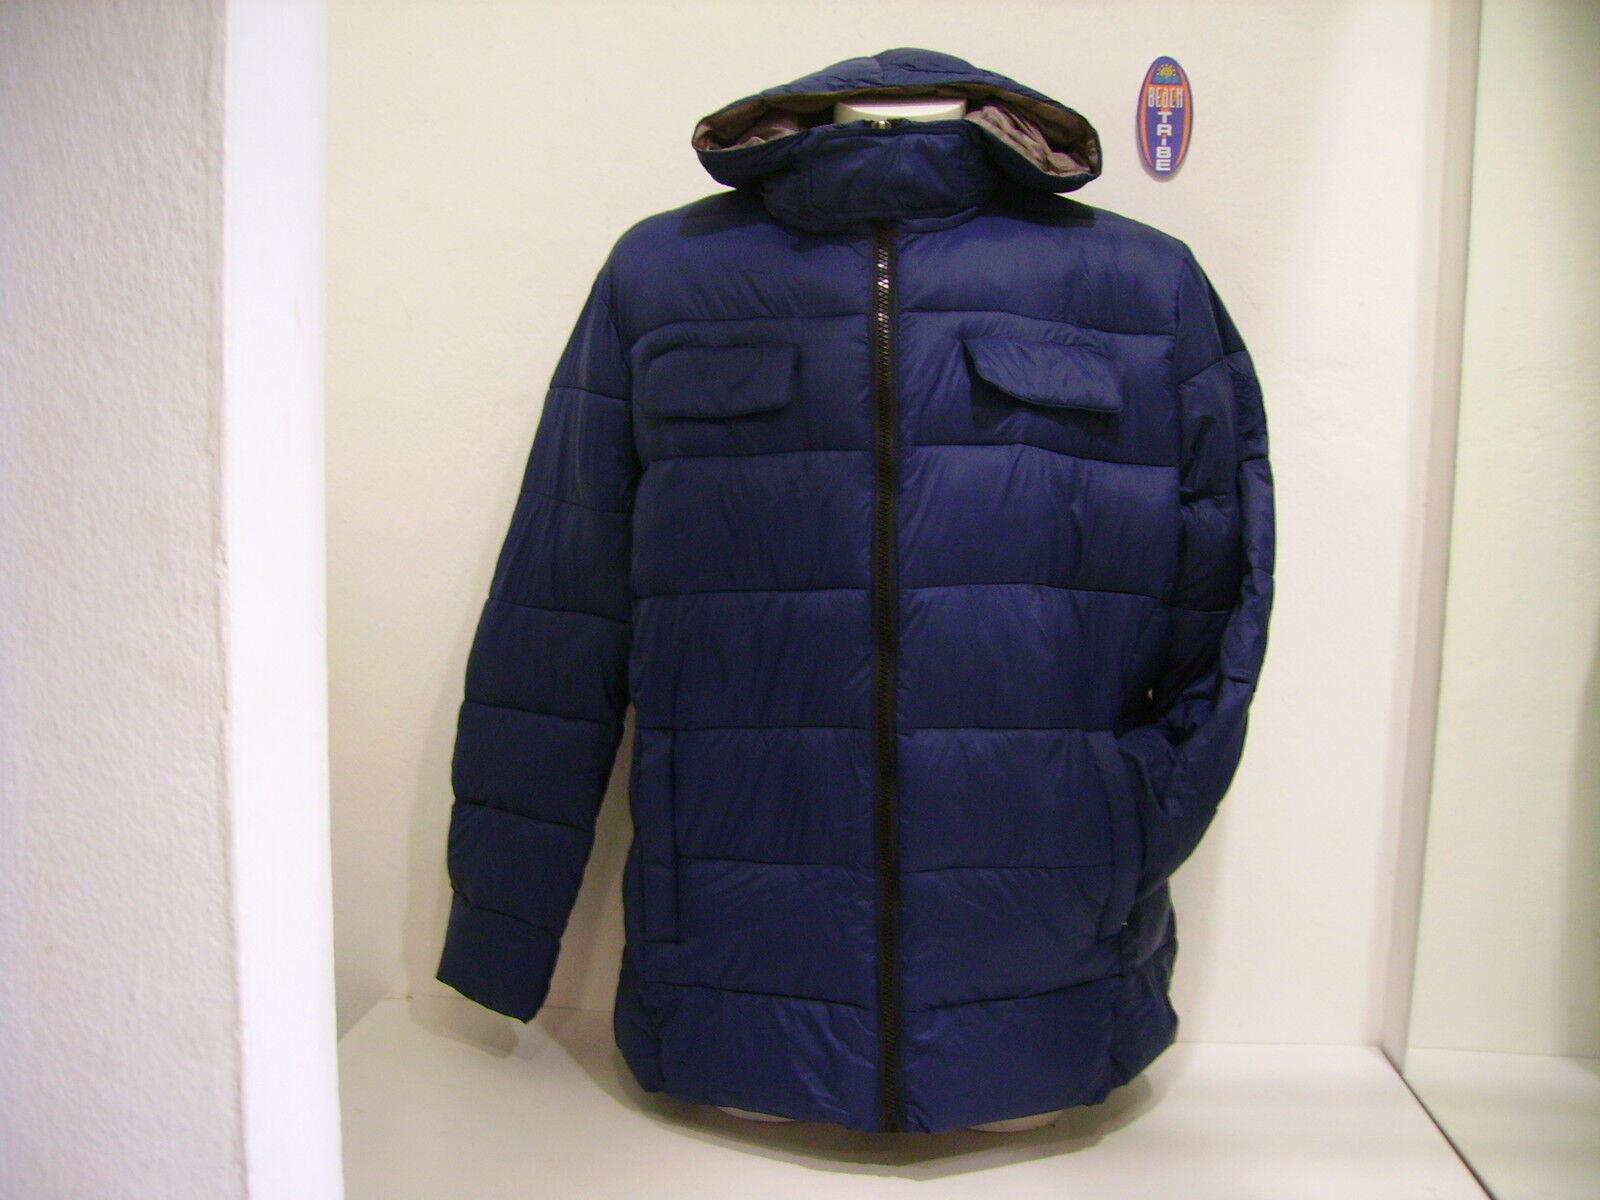 SCORPION BAY GIUBBOTTO CAPPUCCIO men IMPERMEABILE MJK2841PL NAVY blue L